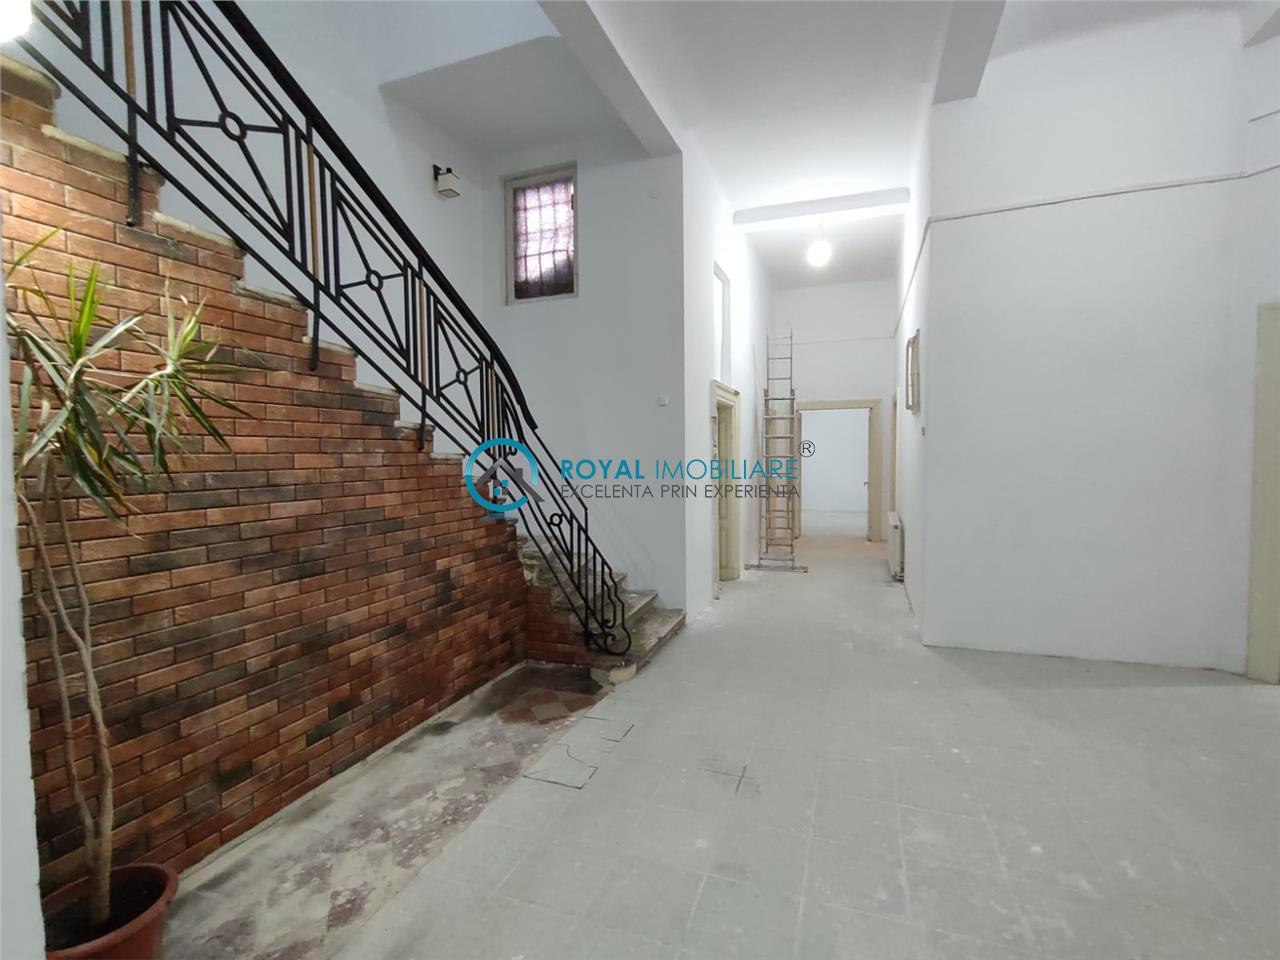 Royal Imobiliare   Inchirieri Case zona Ultracentrala